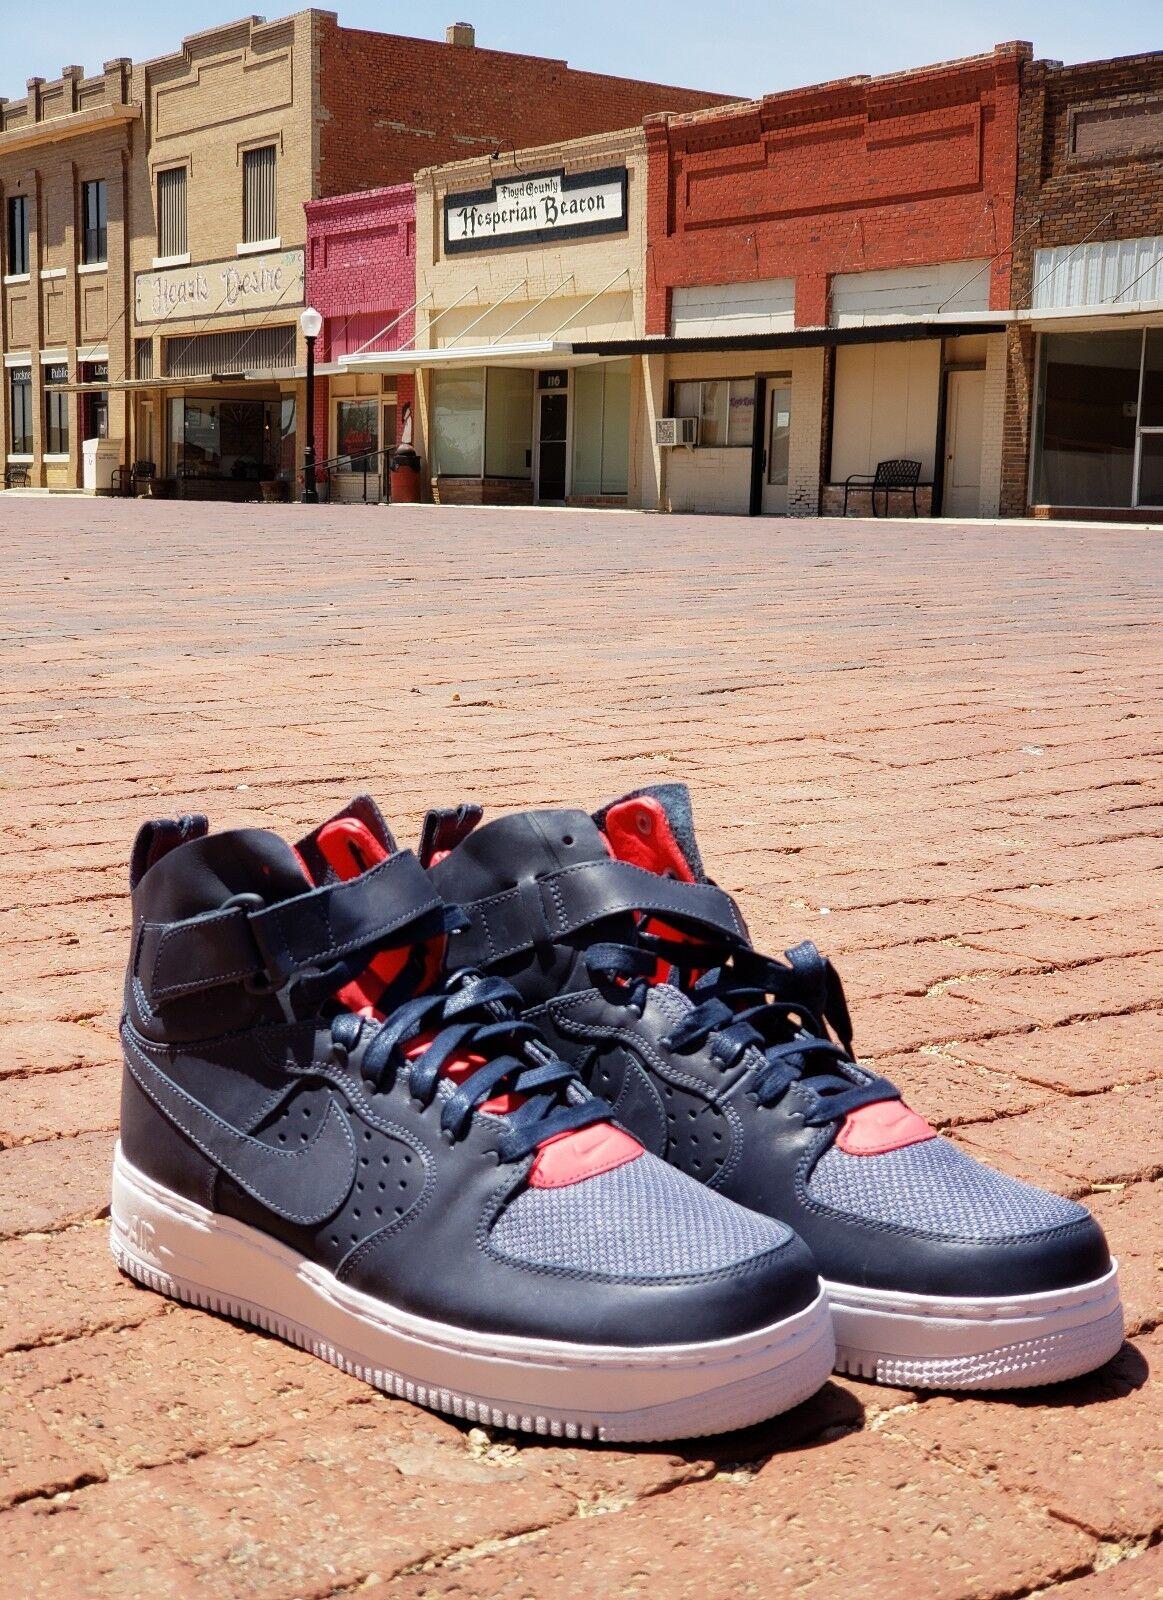 Nike Air Force Hi Trueno Hombre Azul 917494 400 Hombre Trueno cómodo especial de tiempo limitado fbbebf